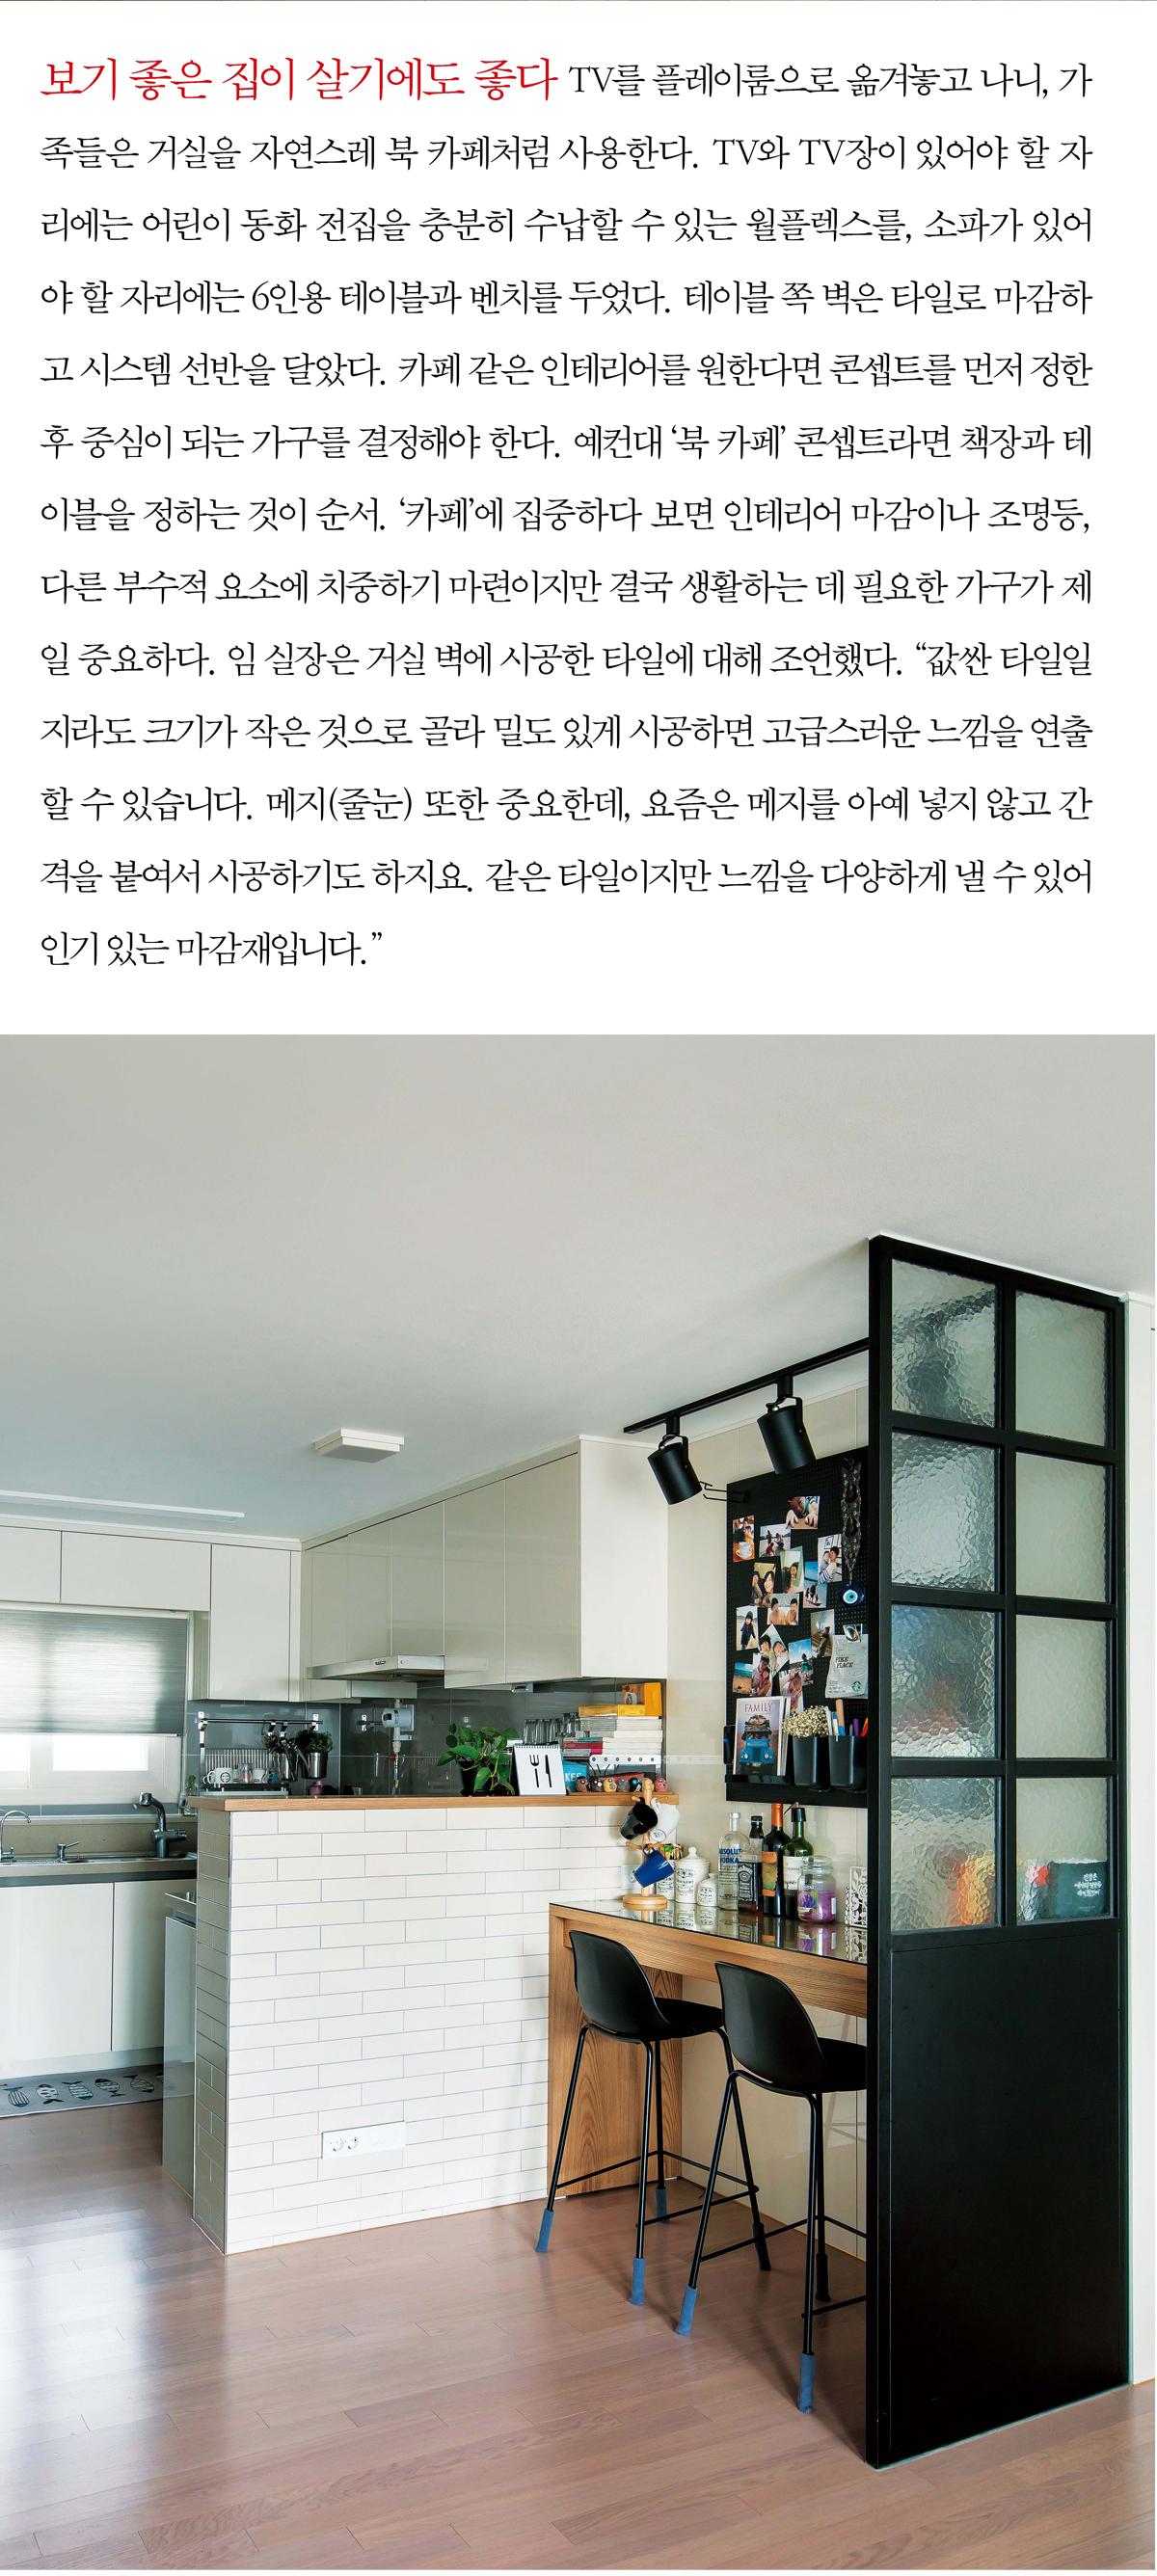 삼송동행복04